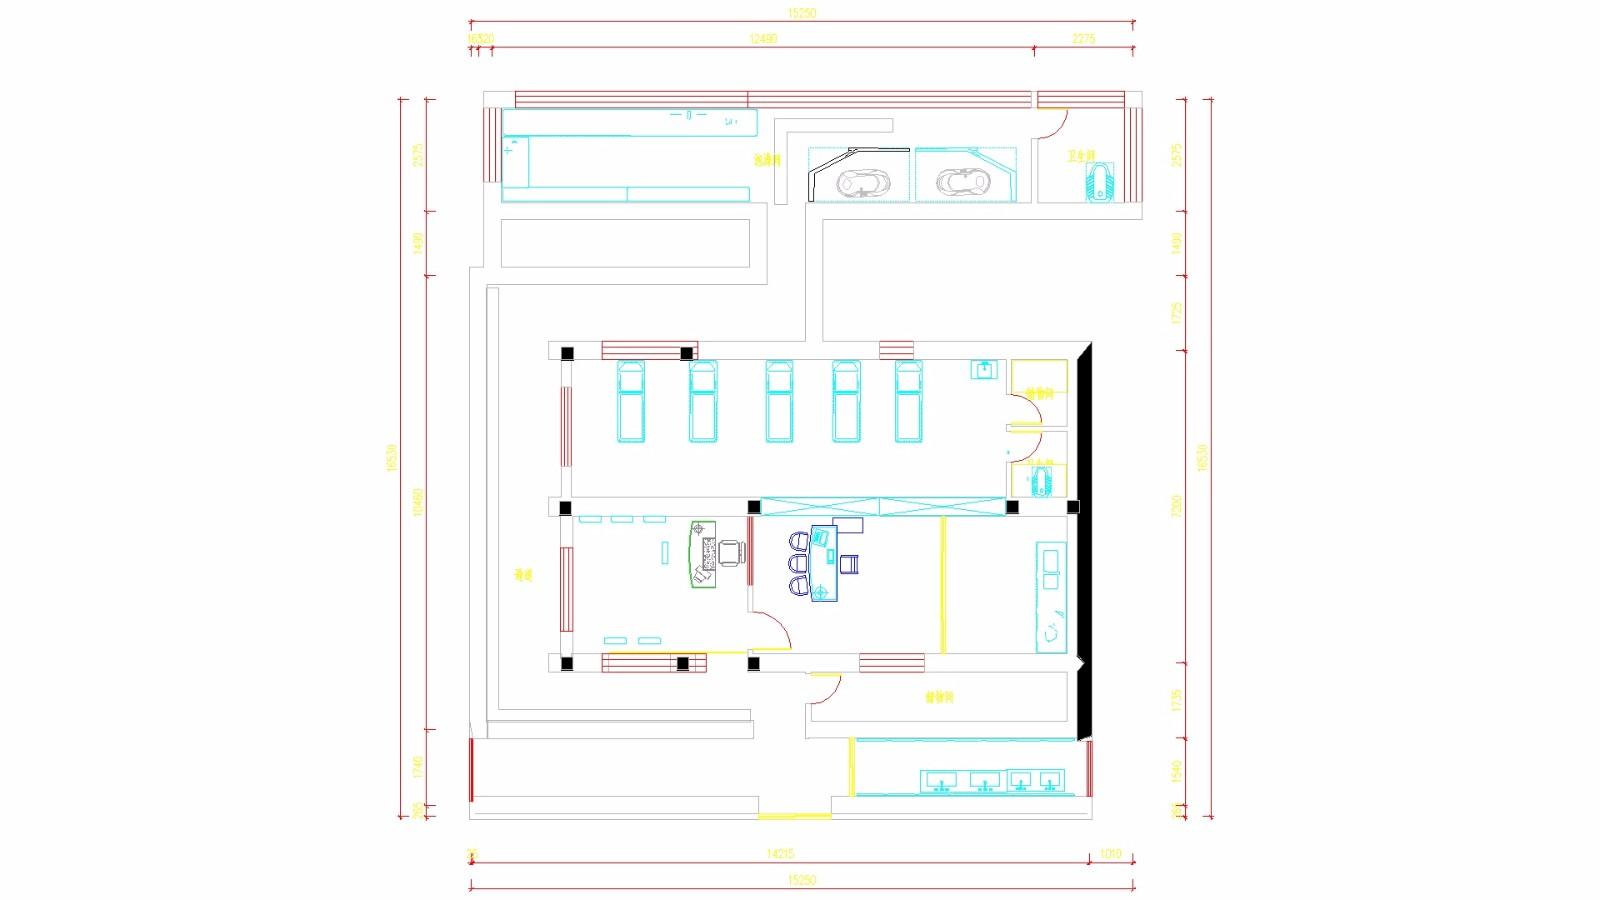 CAD图共享知道后图纸上多出一个框_百度打印出来单车cad图纸图片